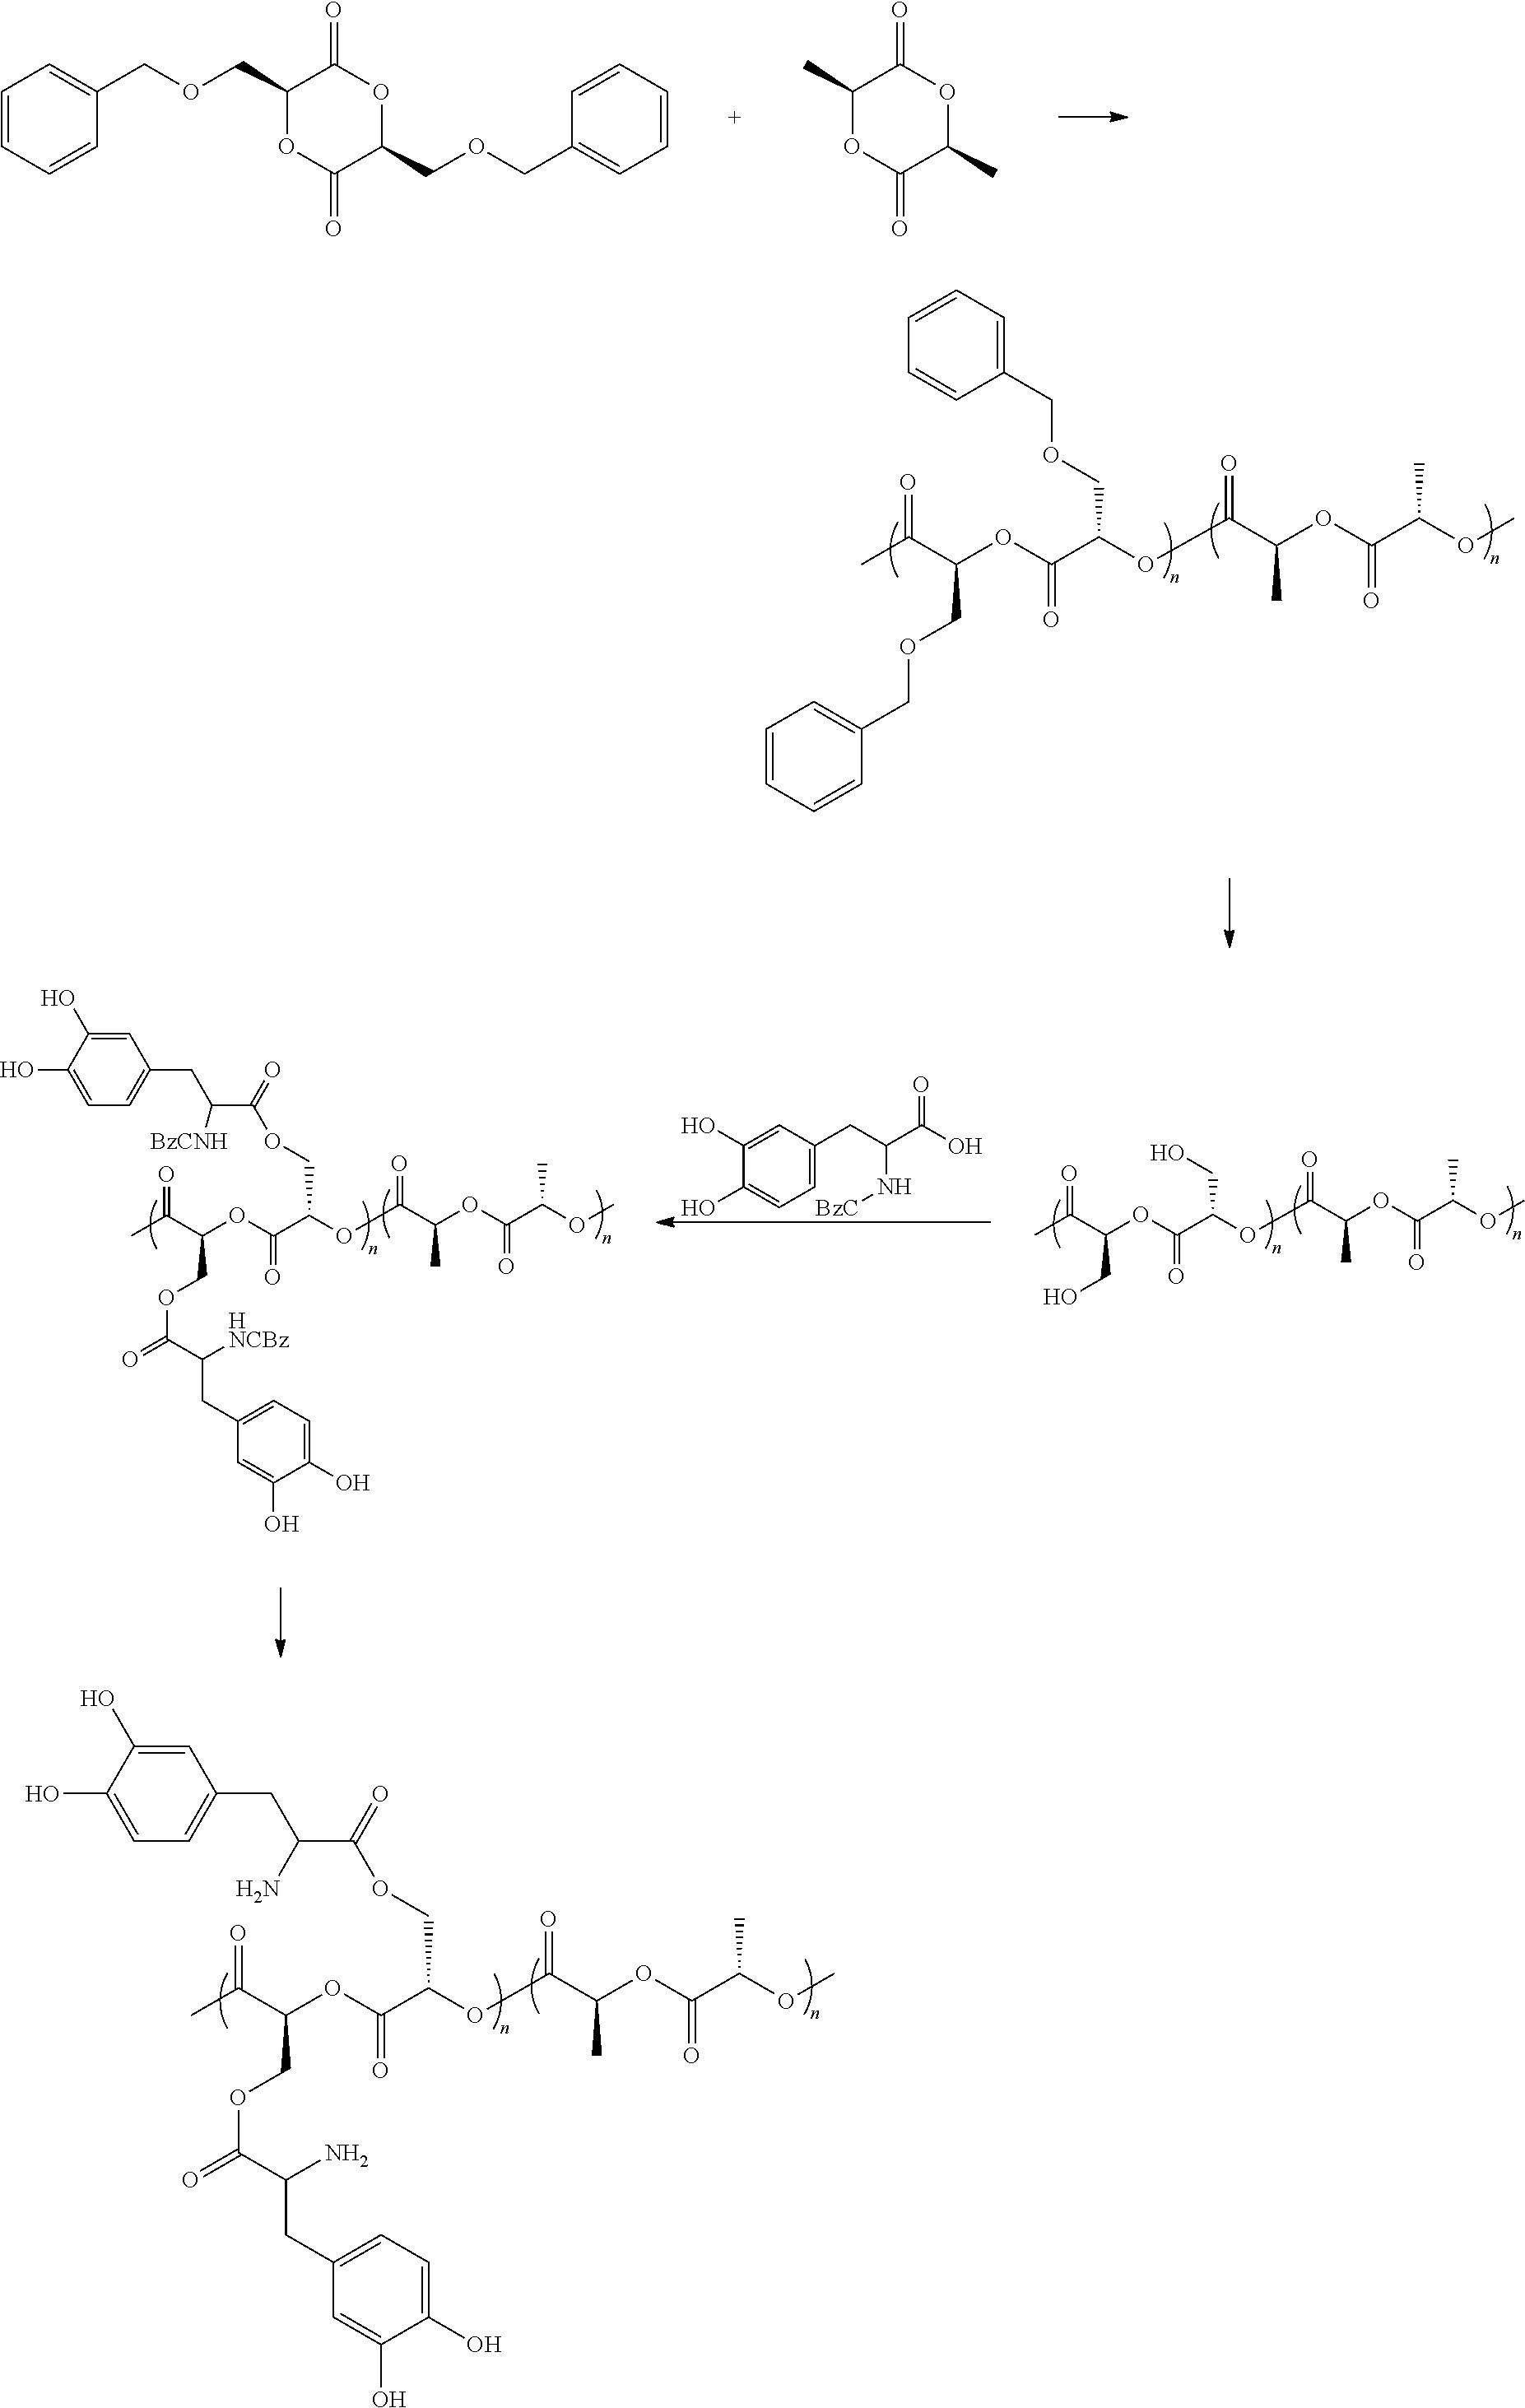 Figure US09993582-20180612-C00001